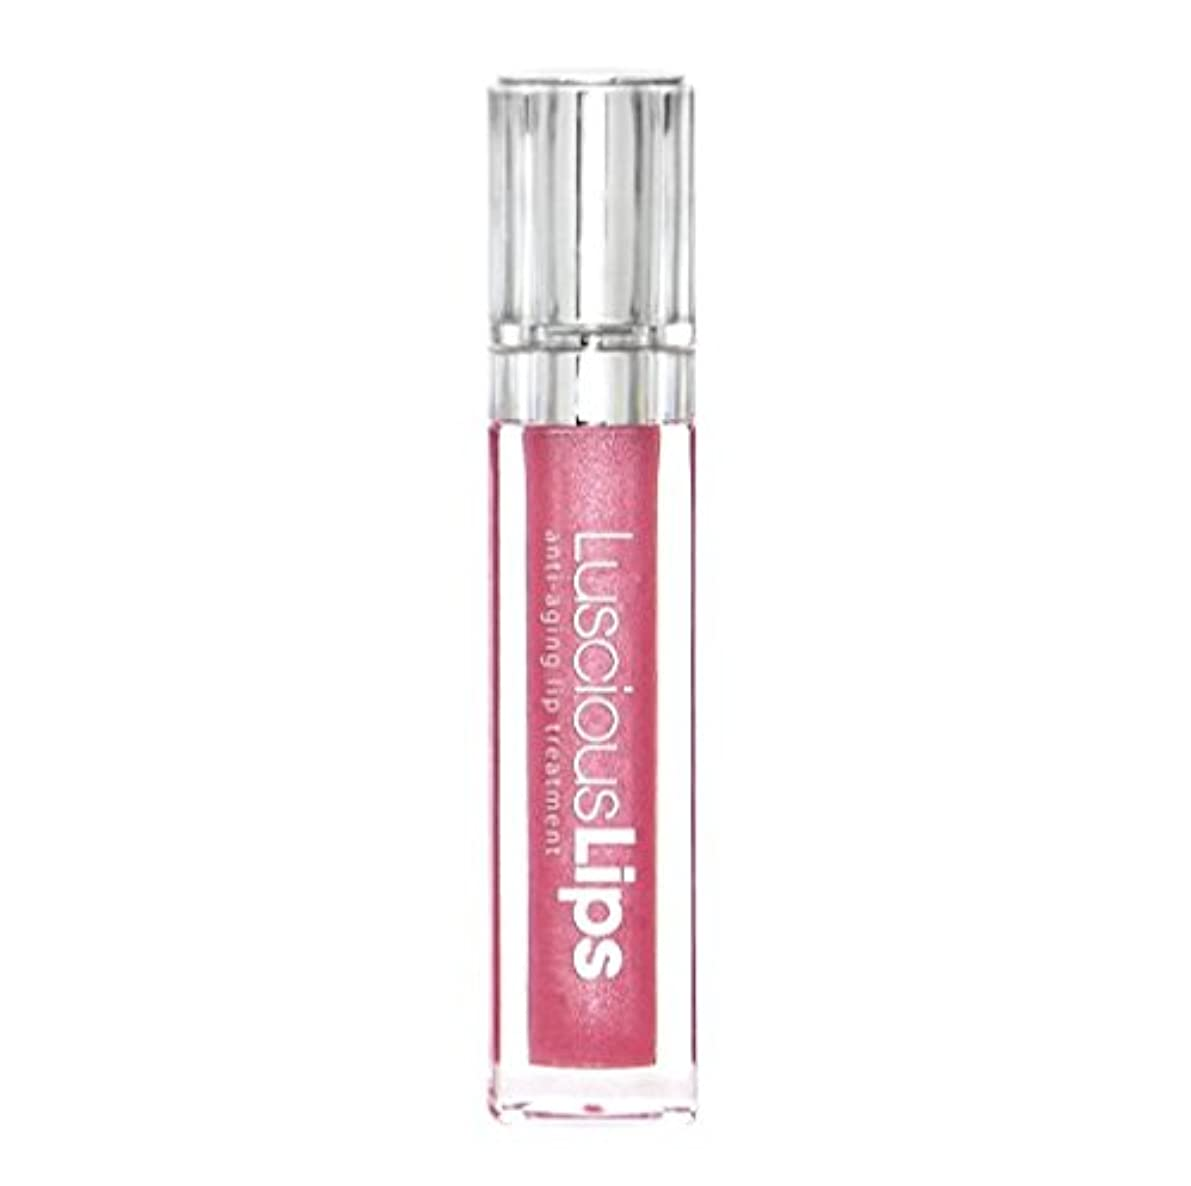 承知しました続ける活性化するラシャスリップス 324番 LusciousLips リップ美容液 7ml (324 ローズピンク系) | LusciousLips | リップグロス